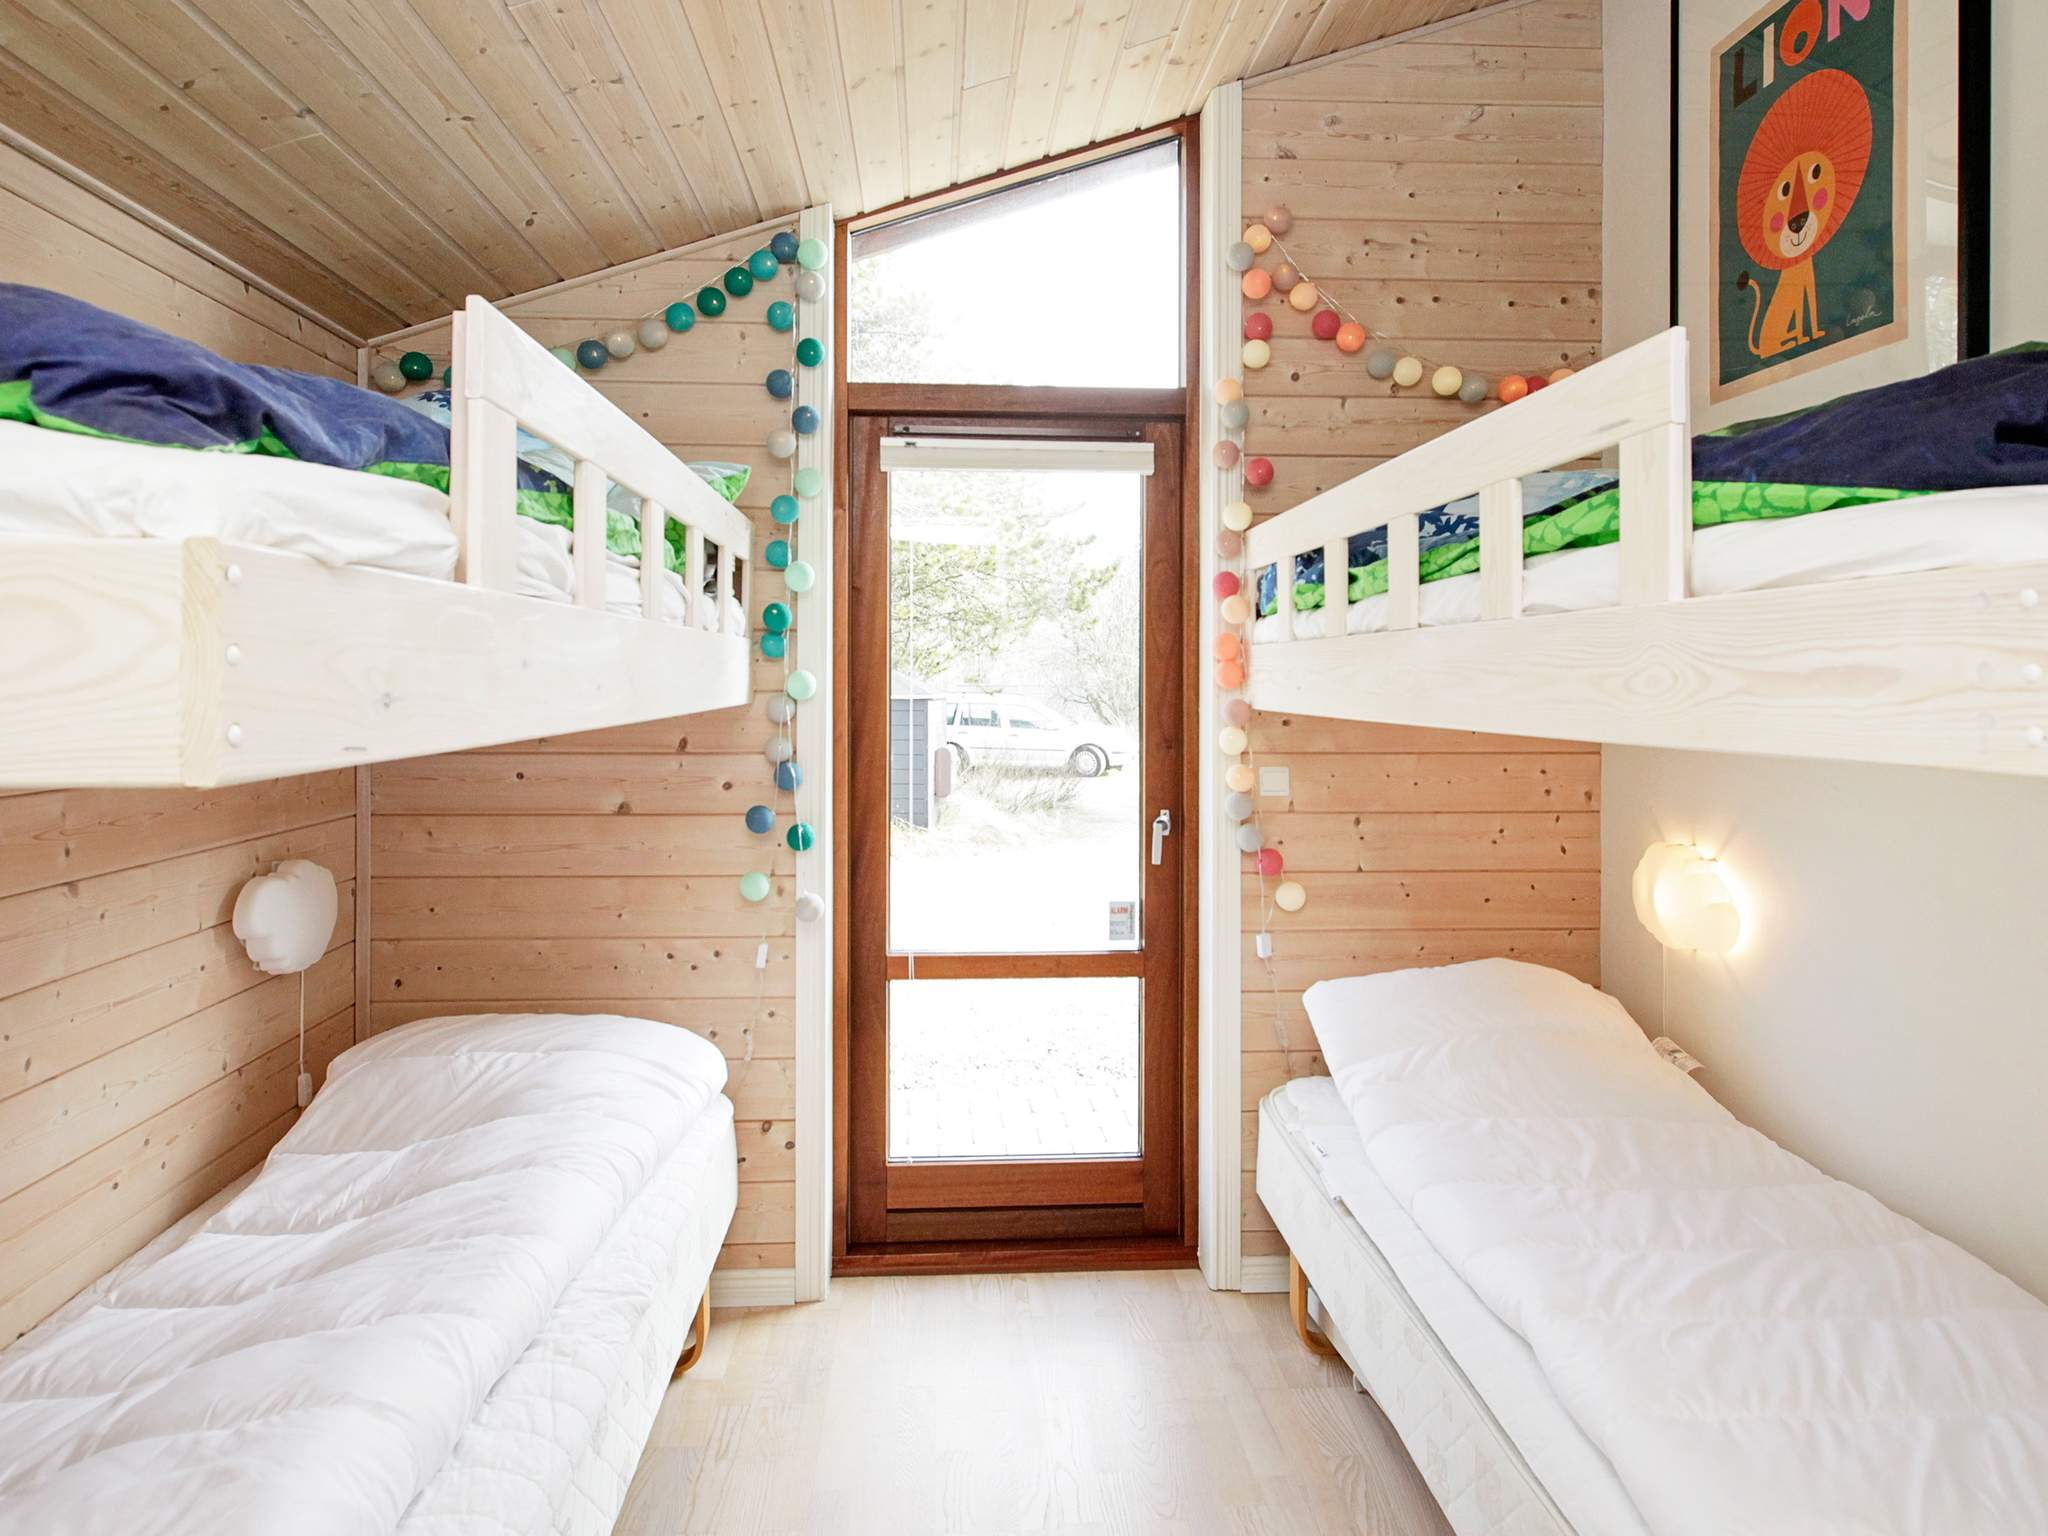 ferienhaus bl vand f r bis zu 8 personen mieten. Black Bedroom Furniture Sets. Home Design Ideas